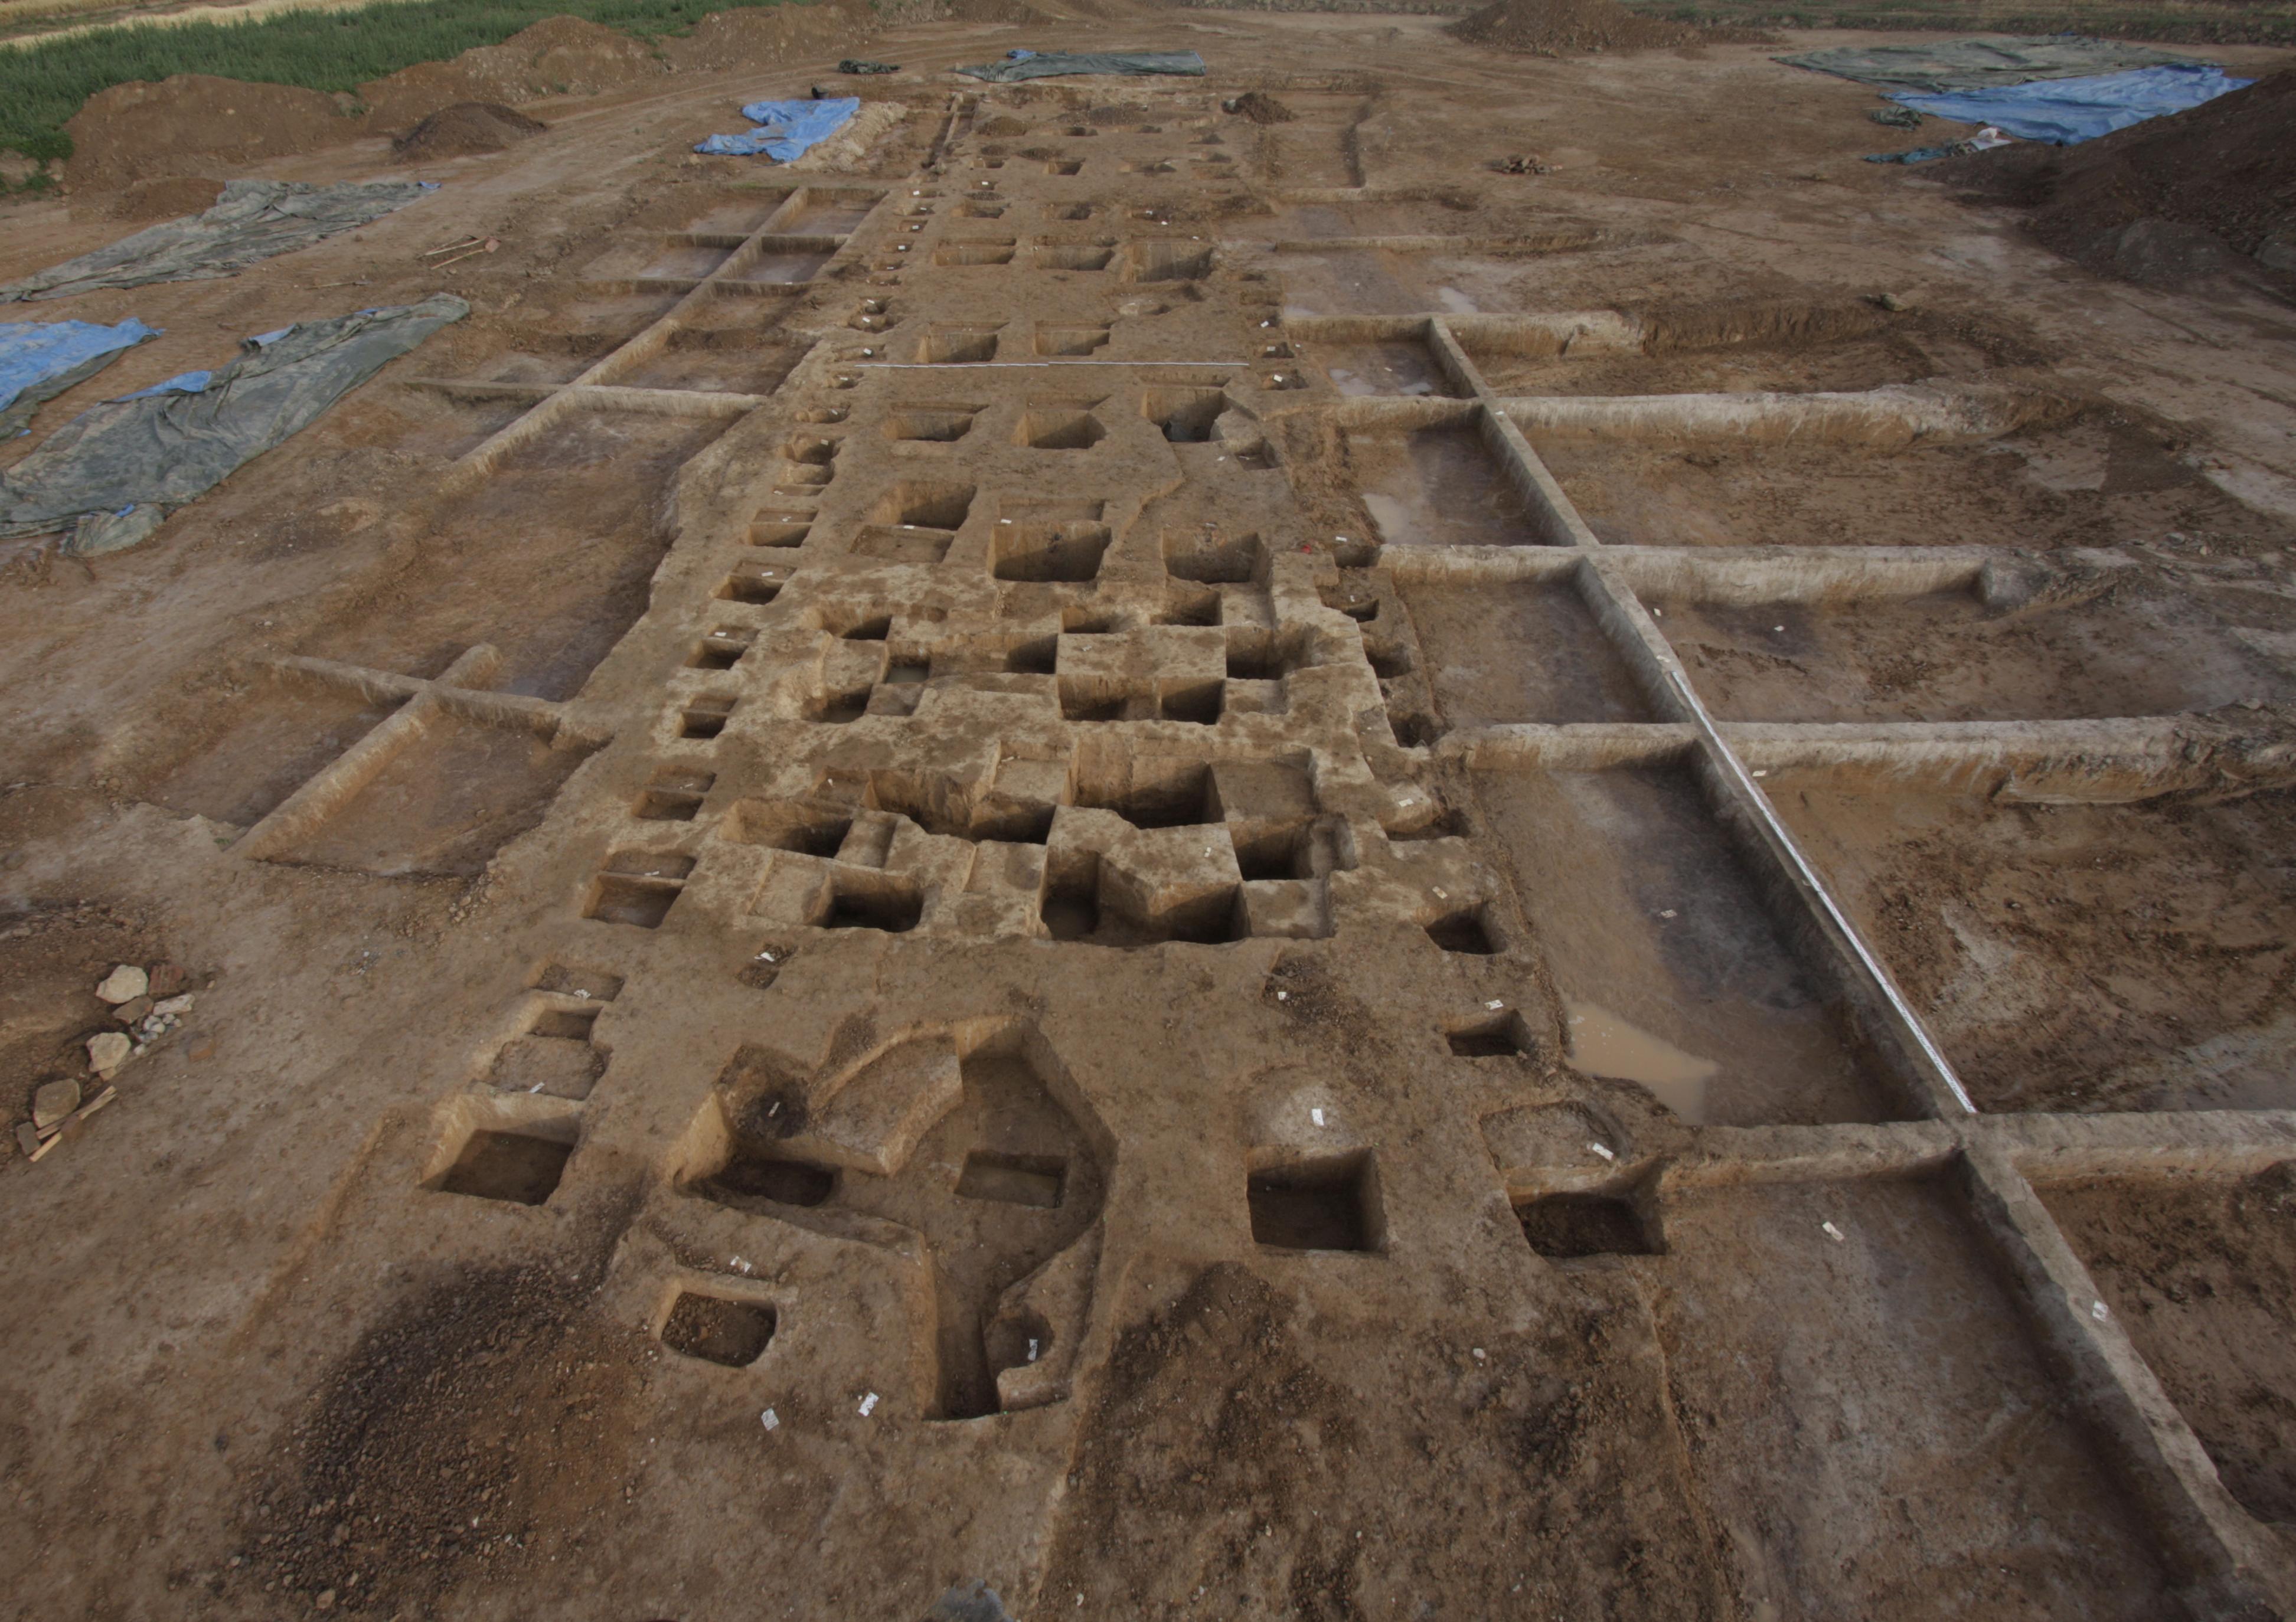 Blick auf weite Ausgrabungsfläche, lang schmaler Hausgrundriss zeichnet sich ab